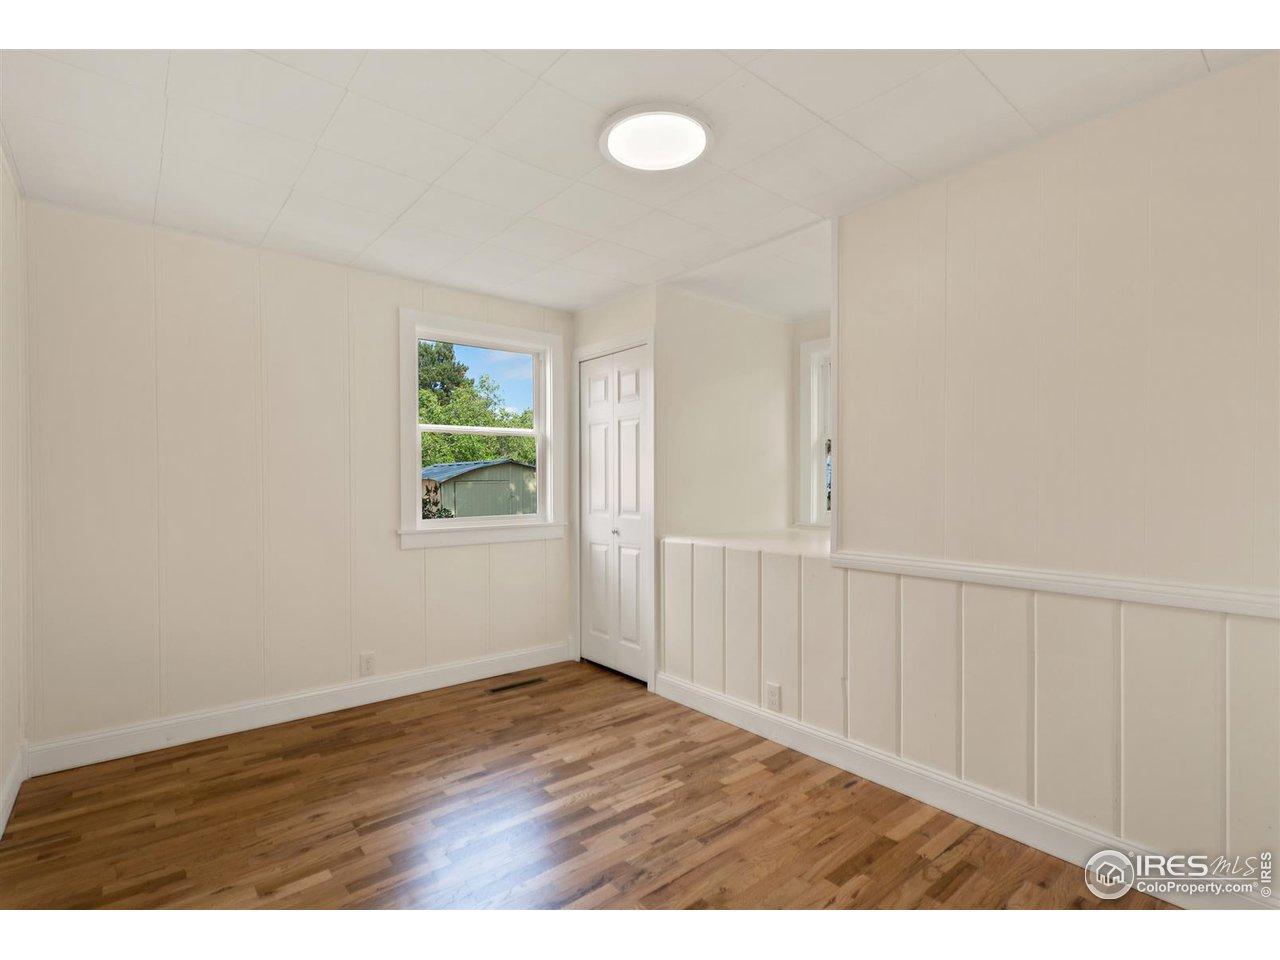 Bedroom 2 with window nook